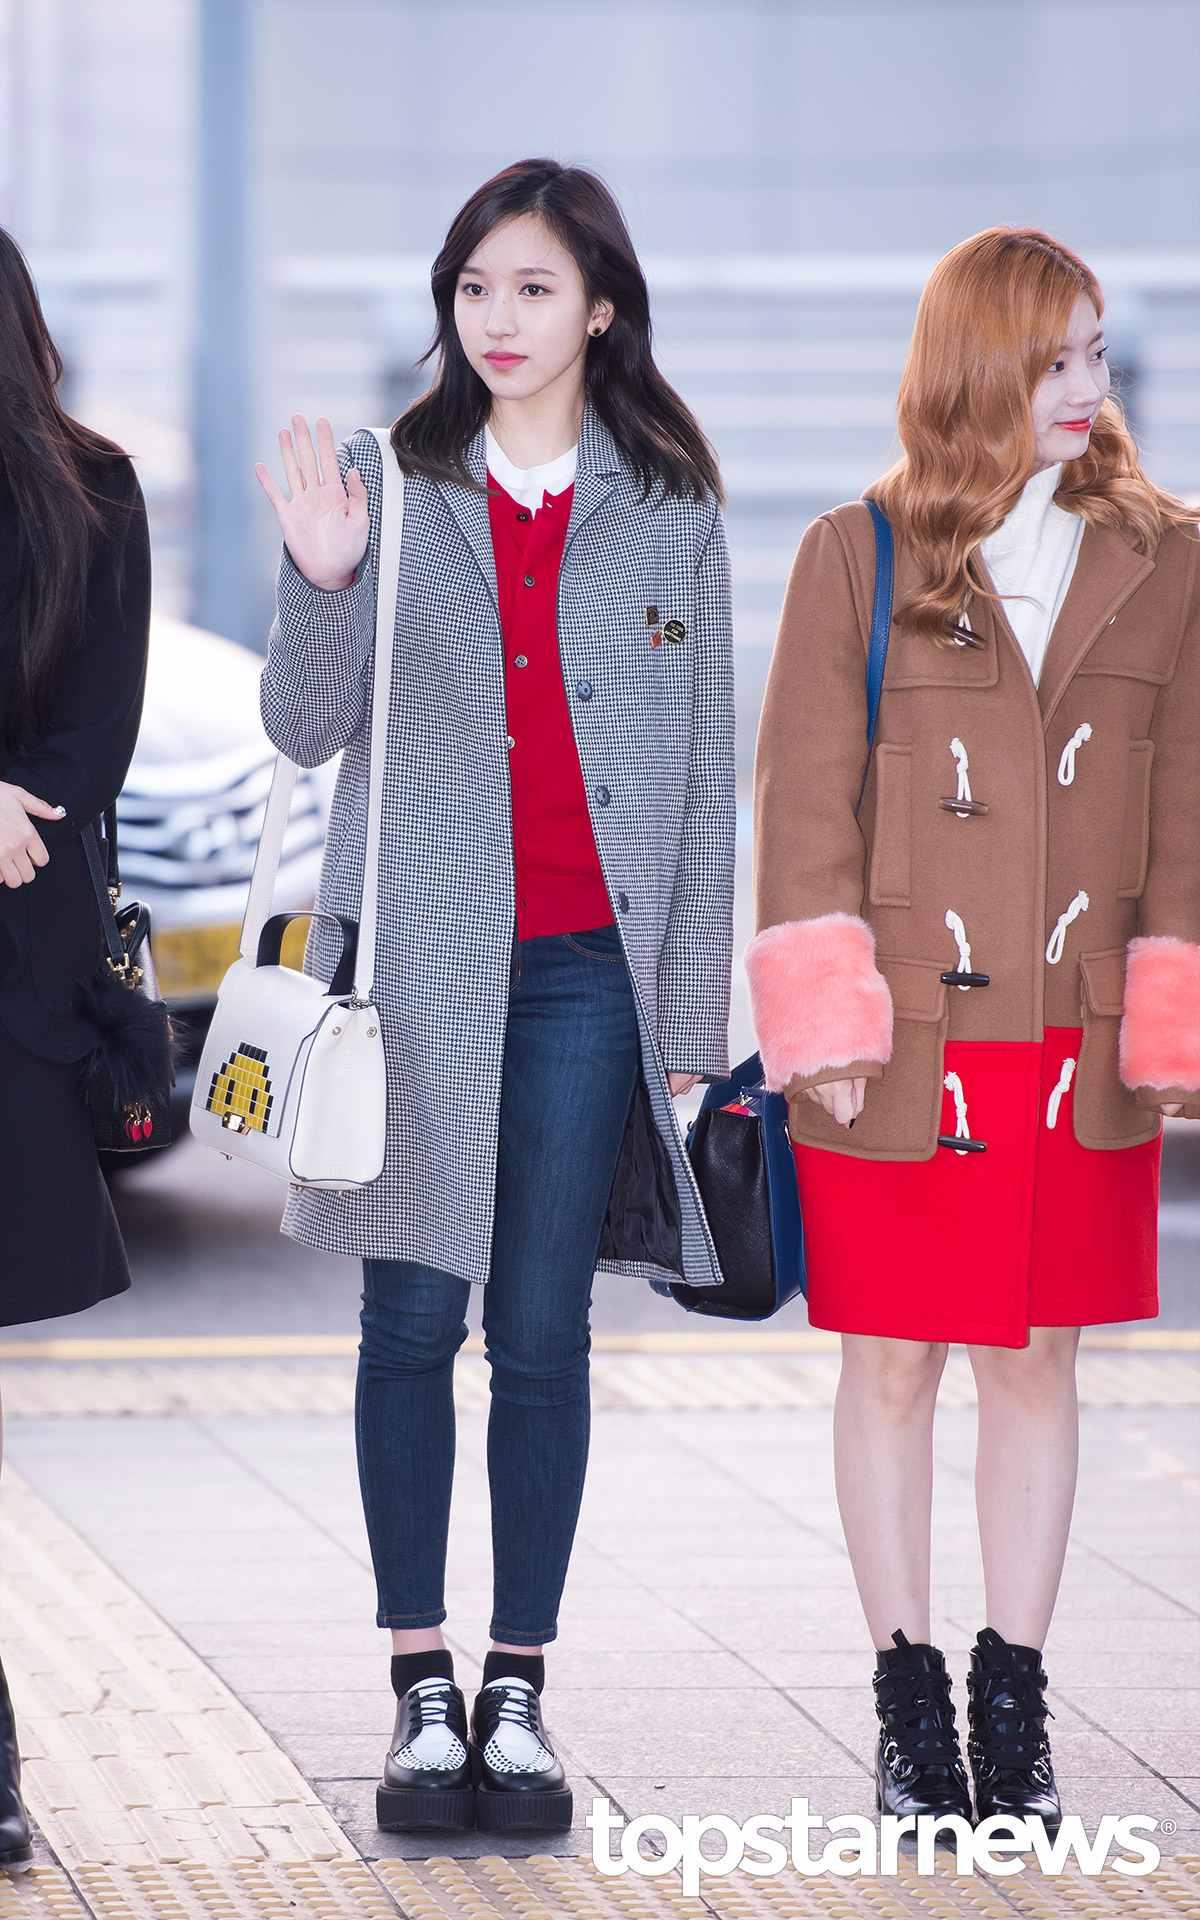 Mina這次選擇個性中帶點俏皮感的打扮,灰色千鳥文大衣原本是很沉穩的單品,但加上鮮紅色上衣與厚底鞋,立刻多了不一樣的感覺呢。